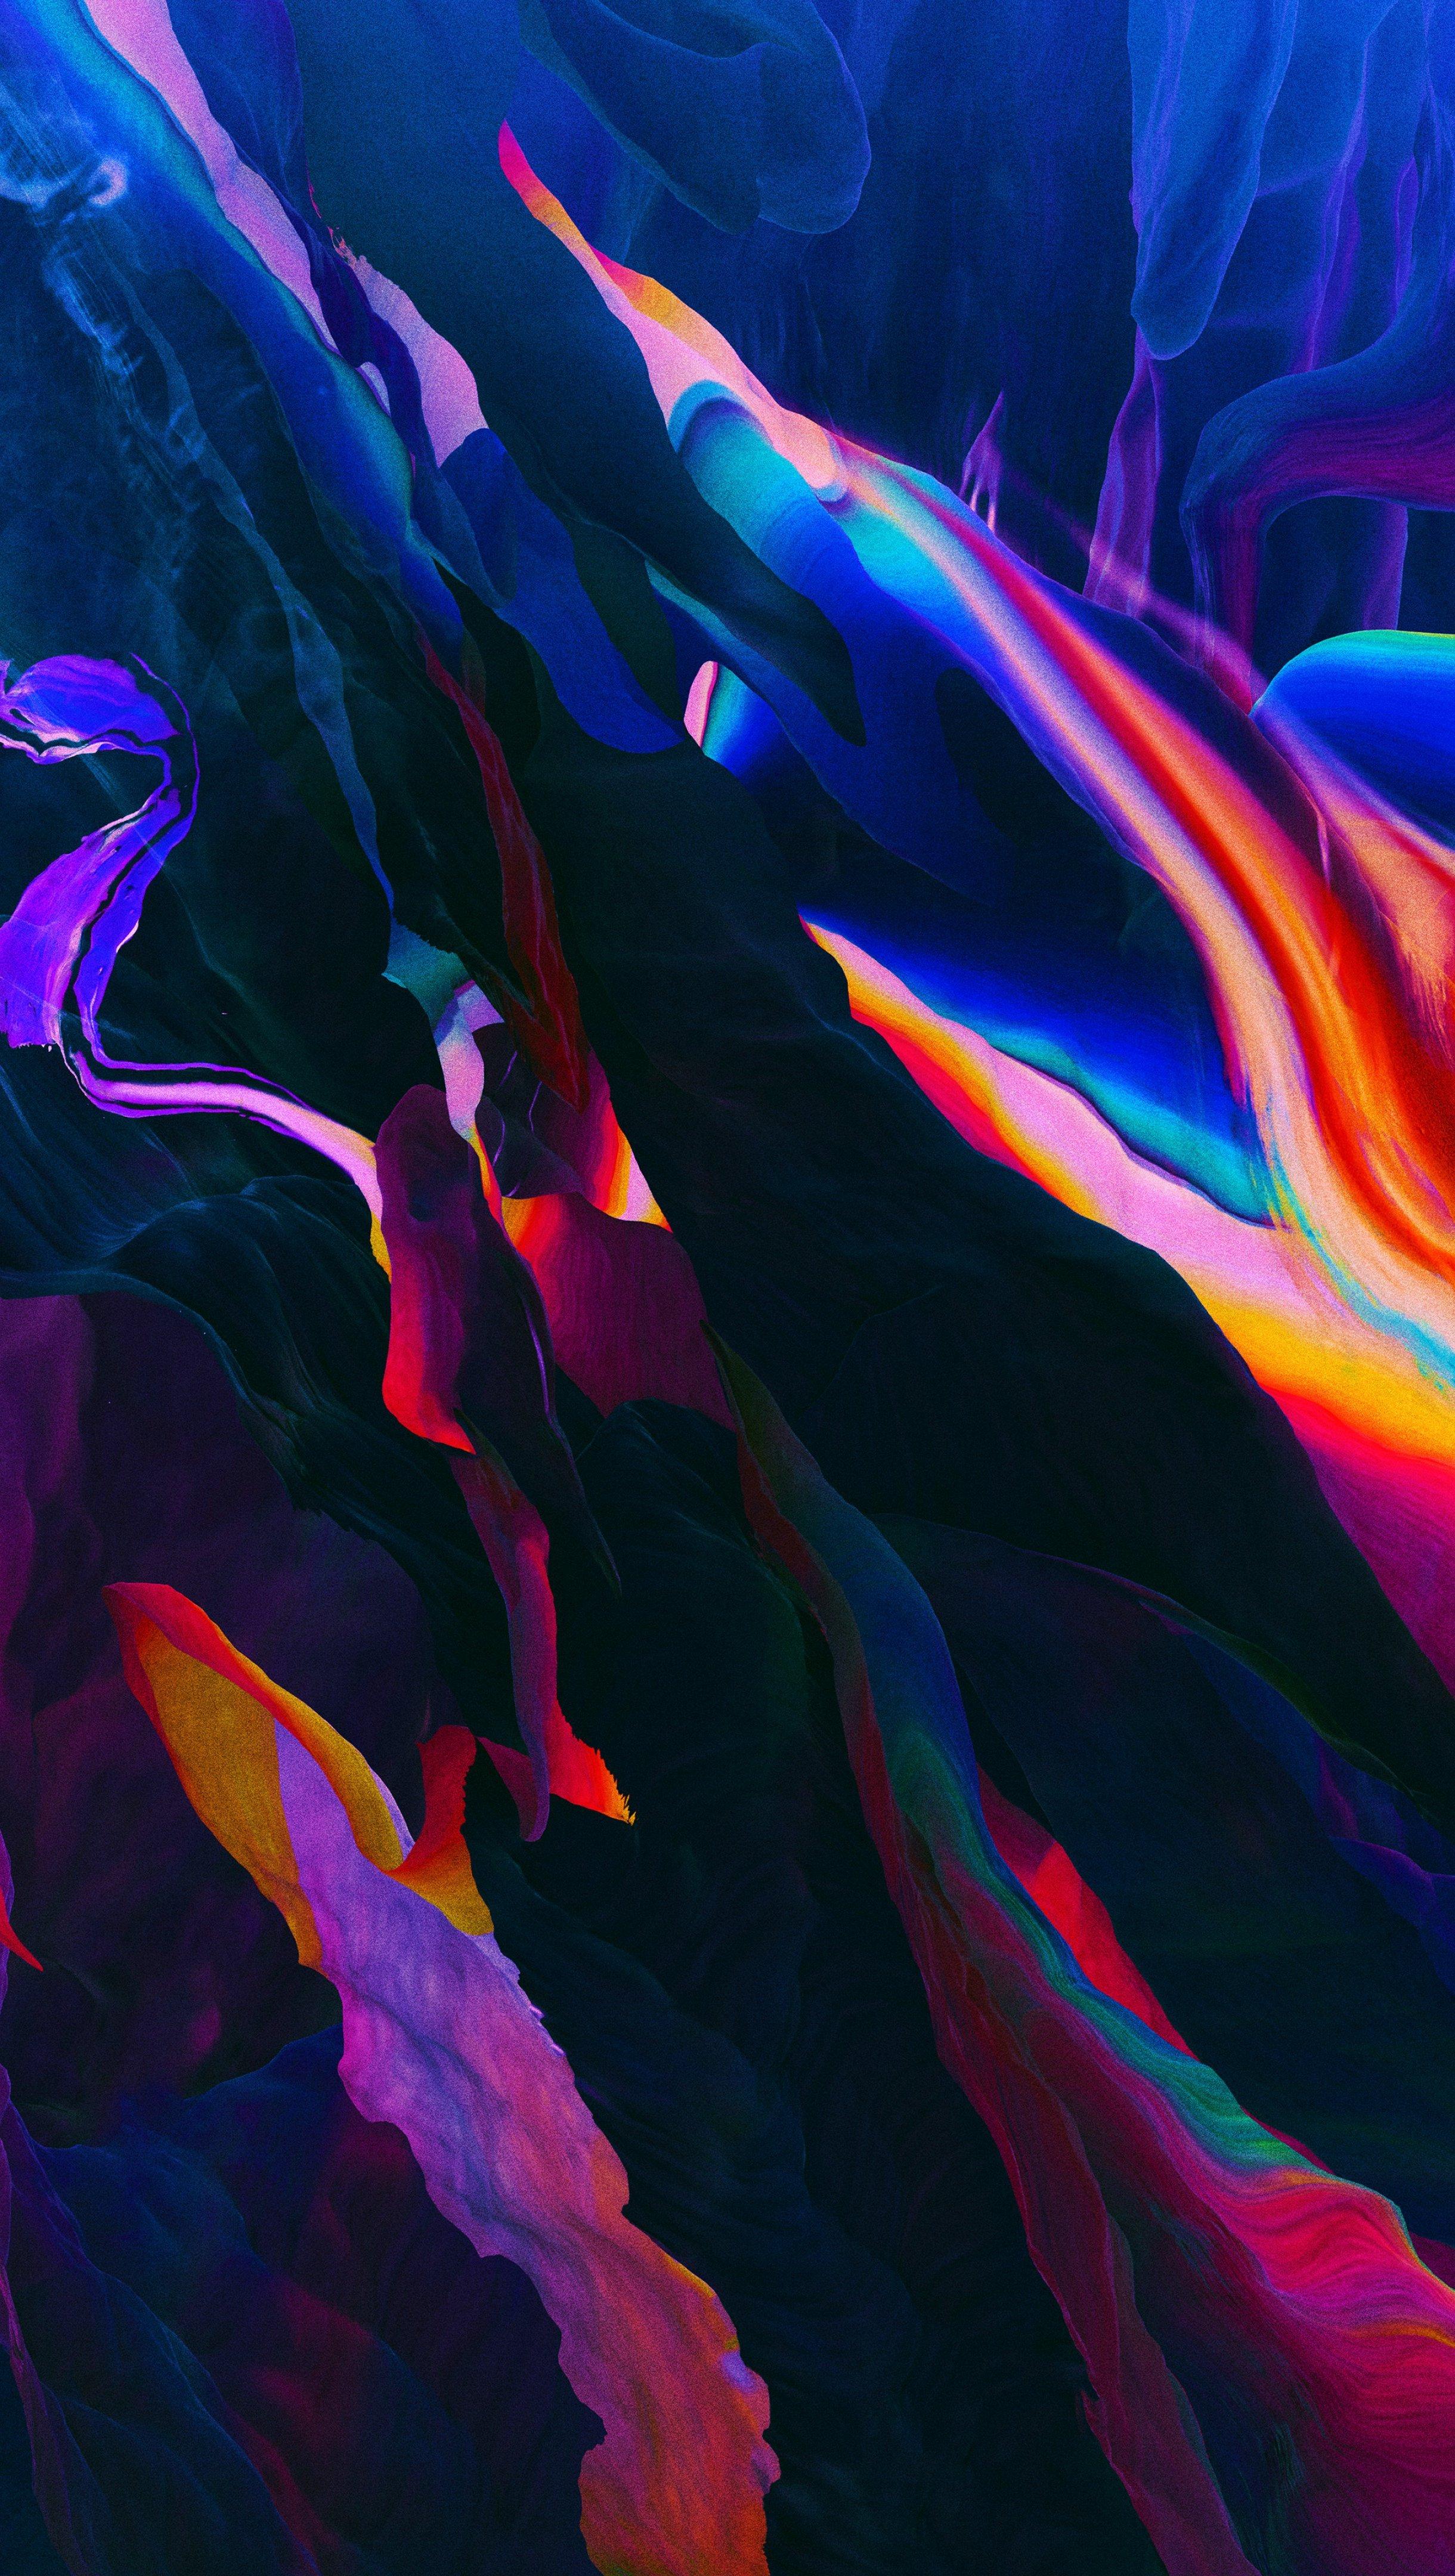 Fondos de pantalla Colorido arte digital Vertical